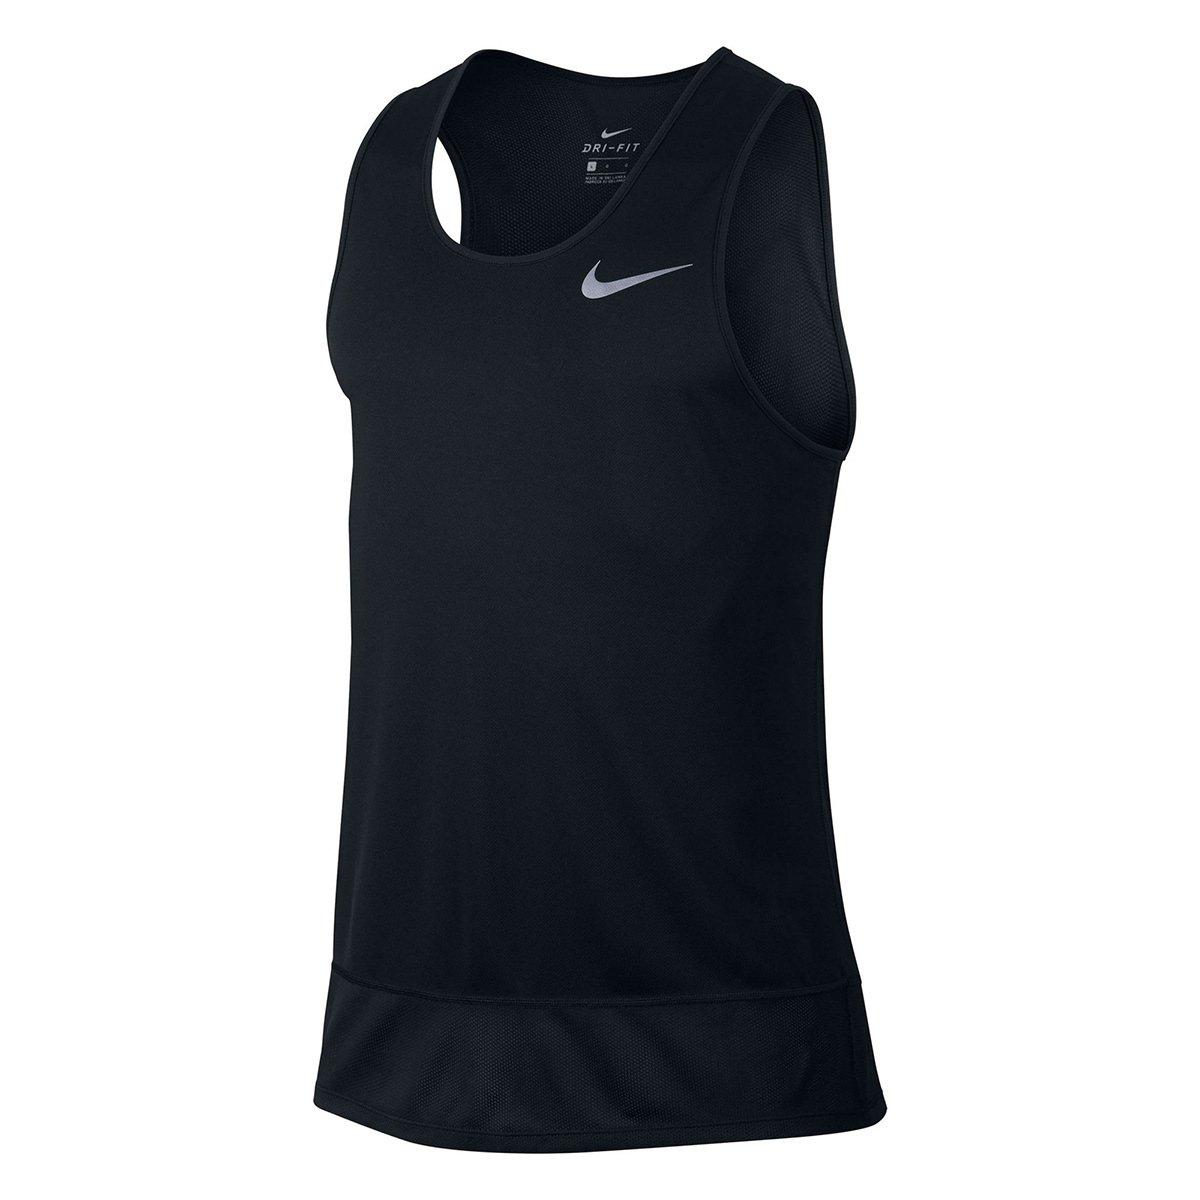 Regata Nike Breathe Rapid Dri-Fit Masculina - Compre Agora  6726a633b05